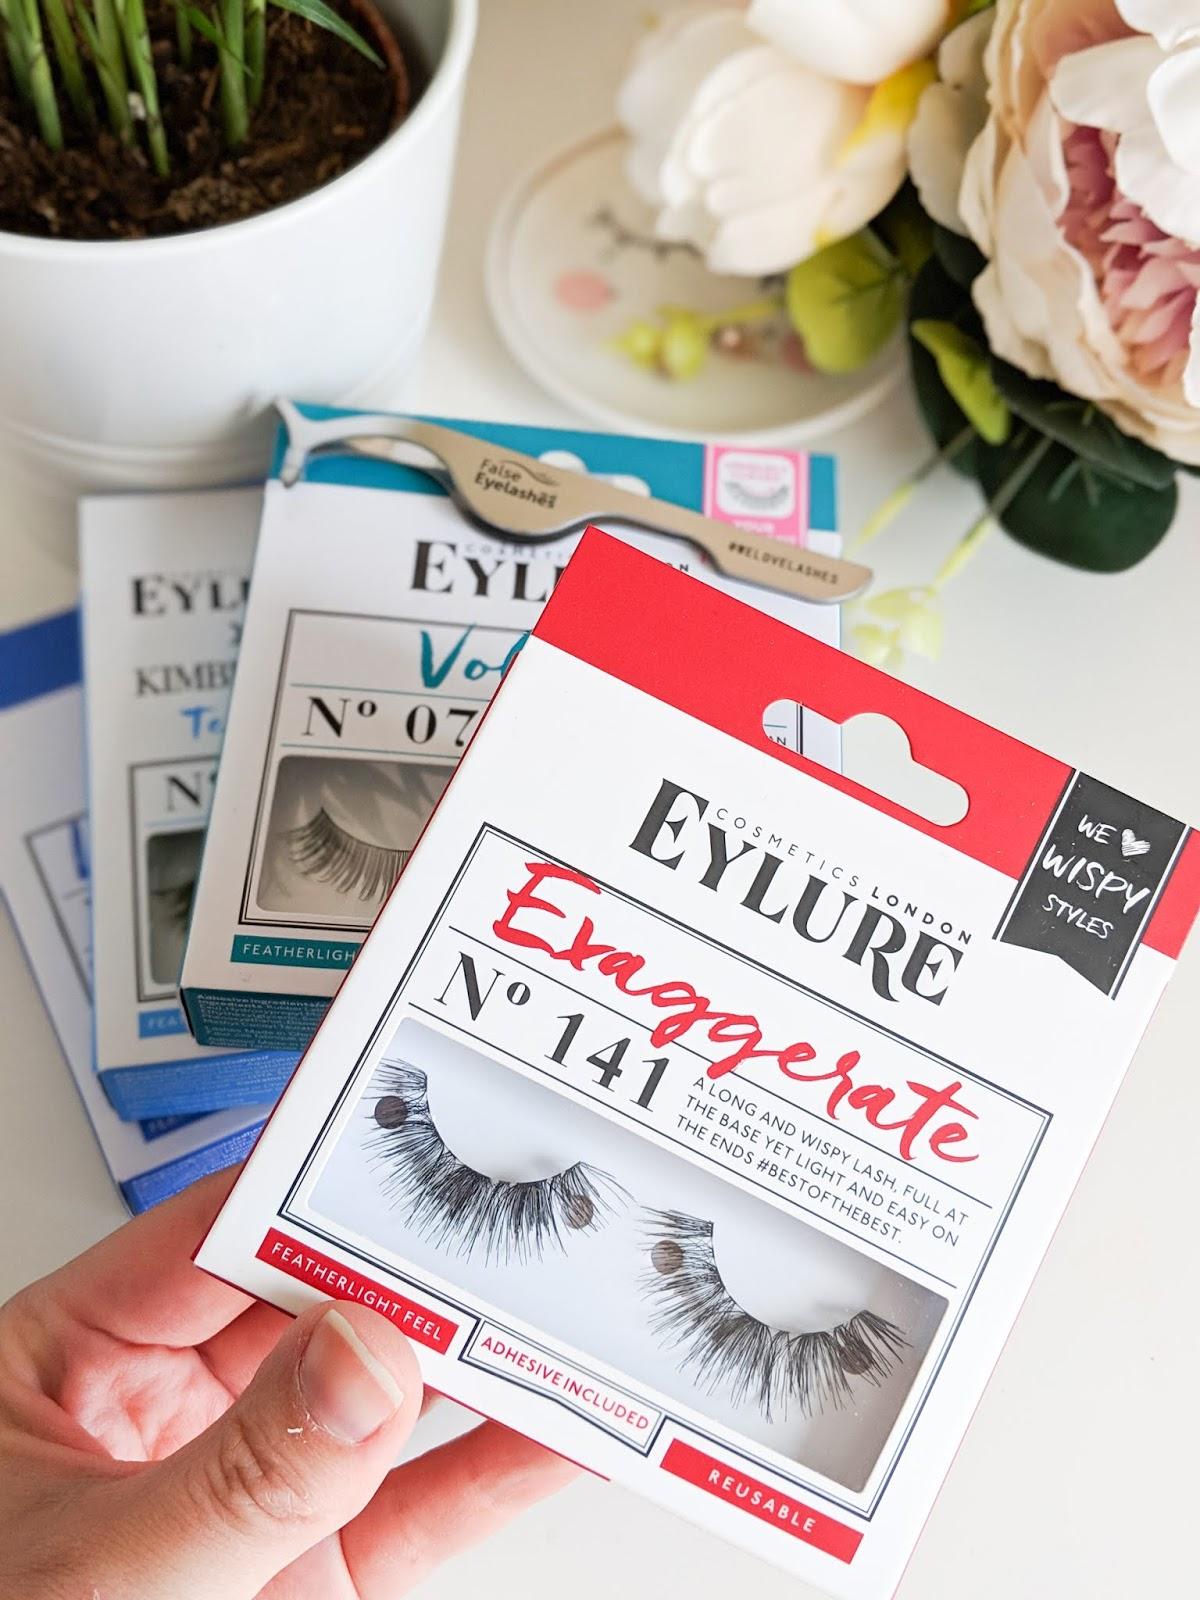 Eylure-false-eyelashes